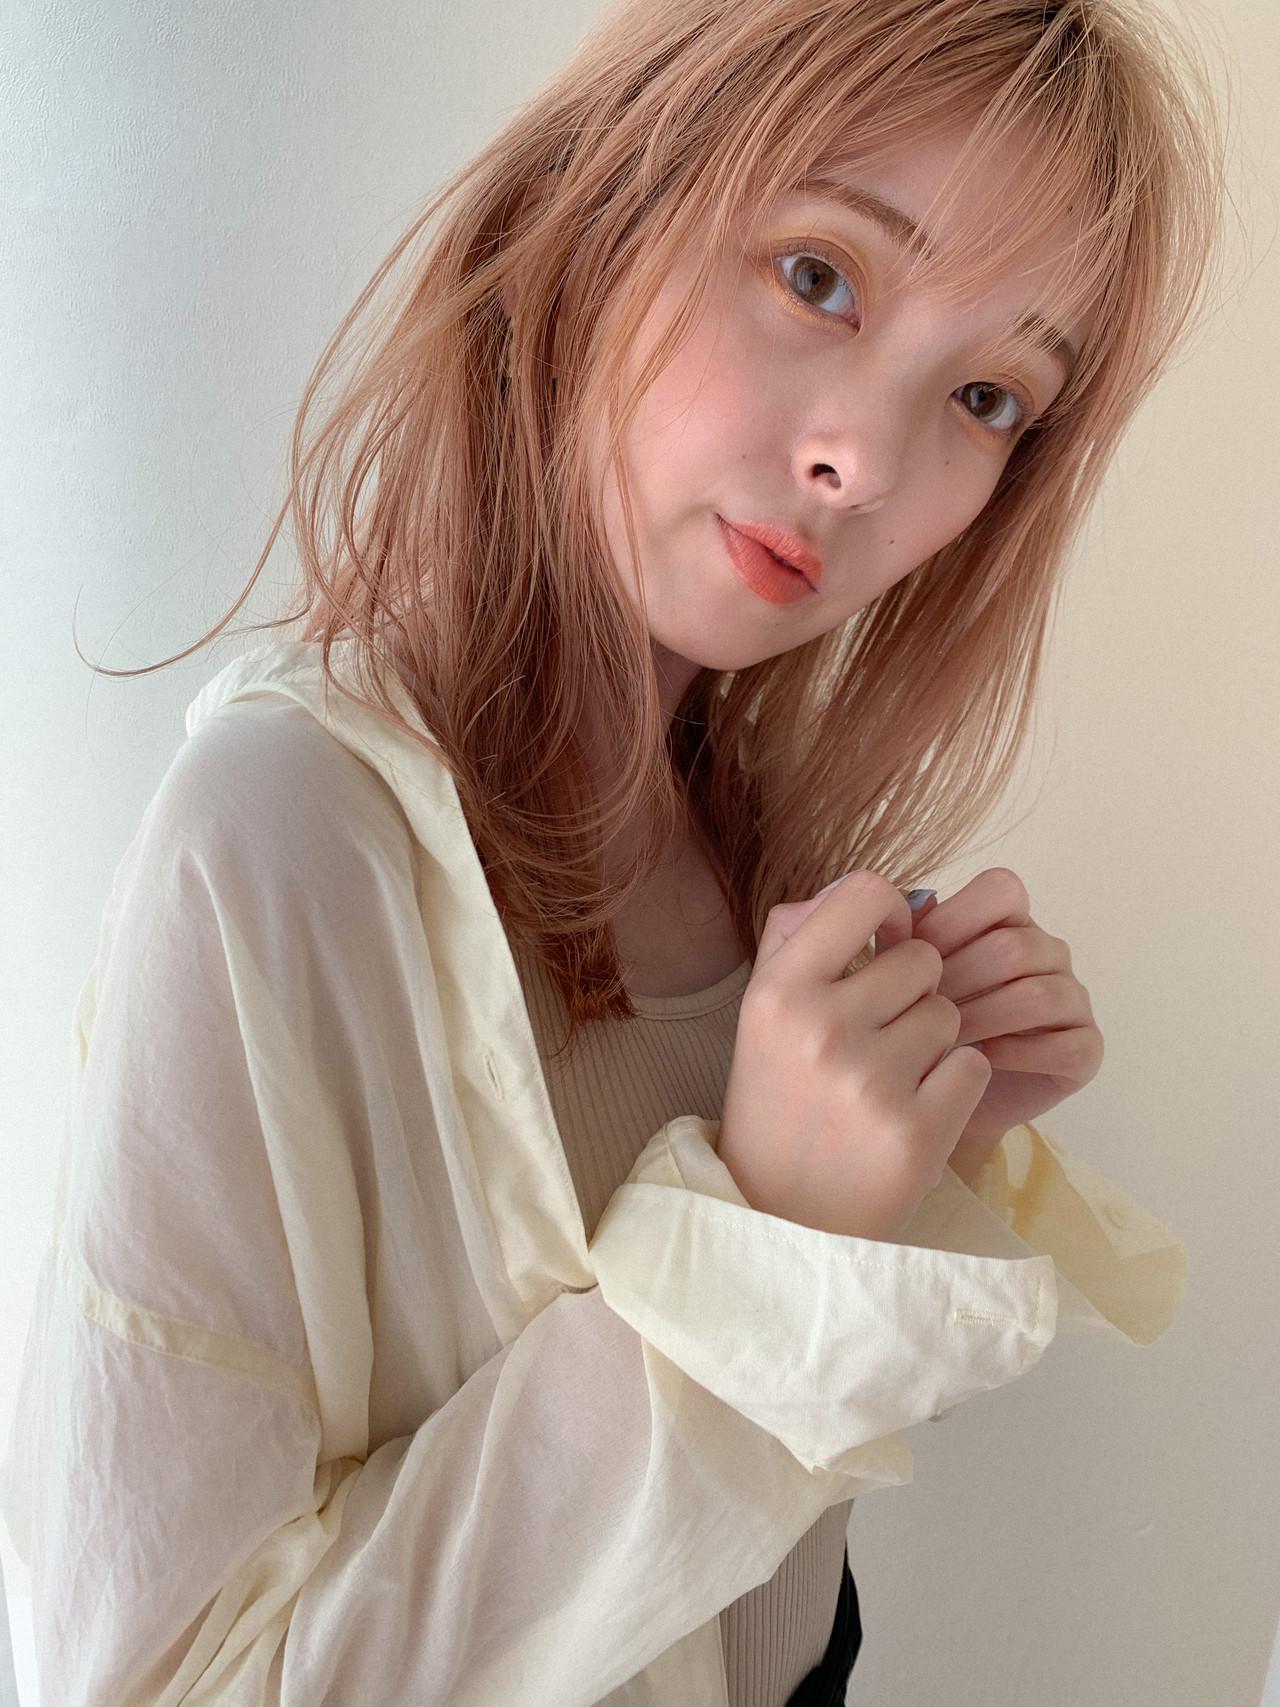 ミディアム ミルクティーベージュ ベージュ ブリーチヘアスタイルや髪型の写真・画像